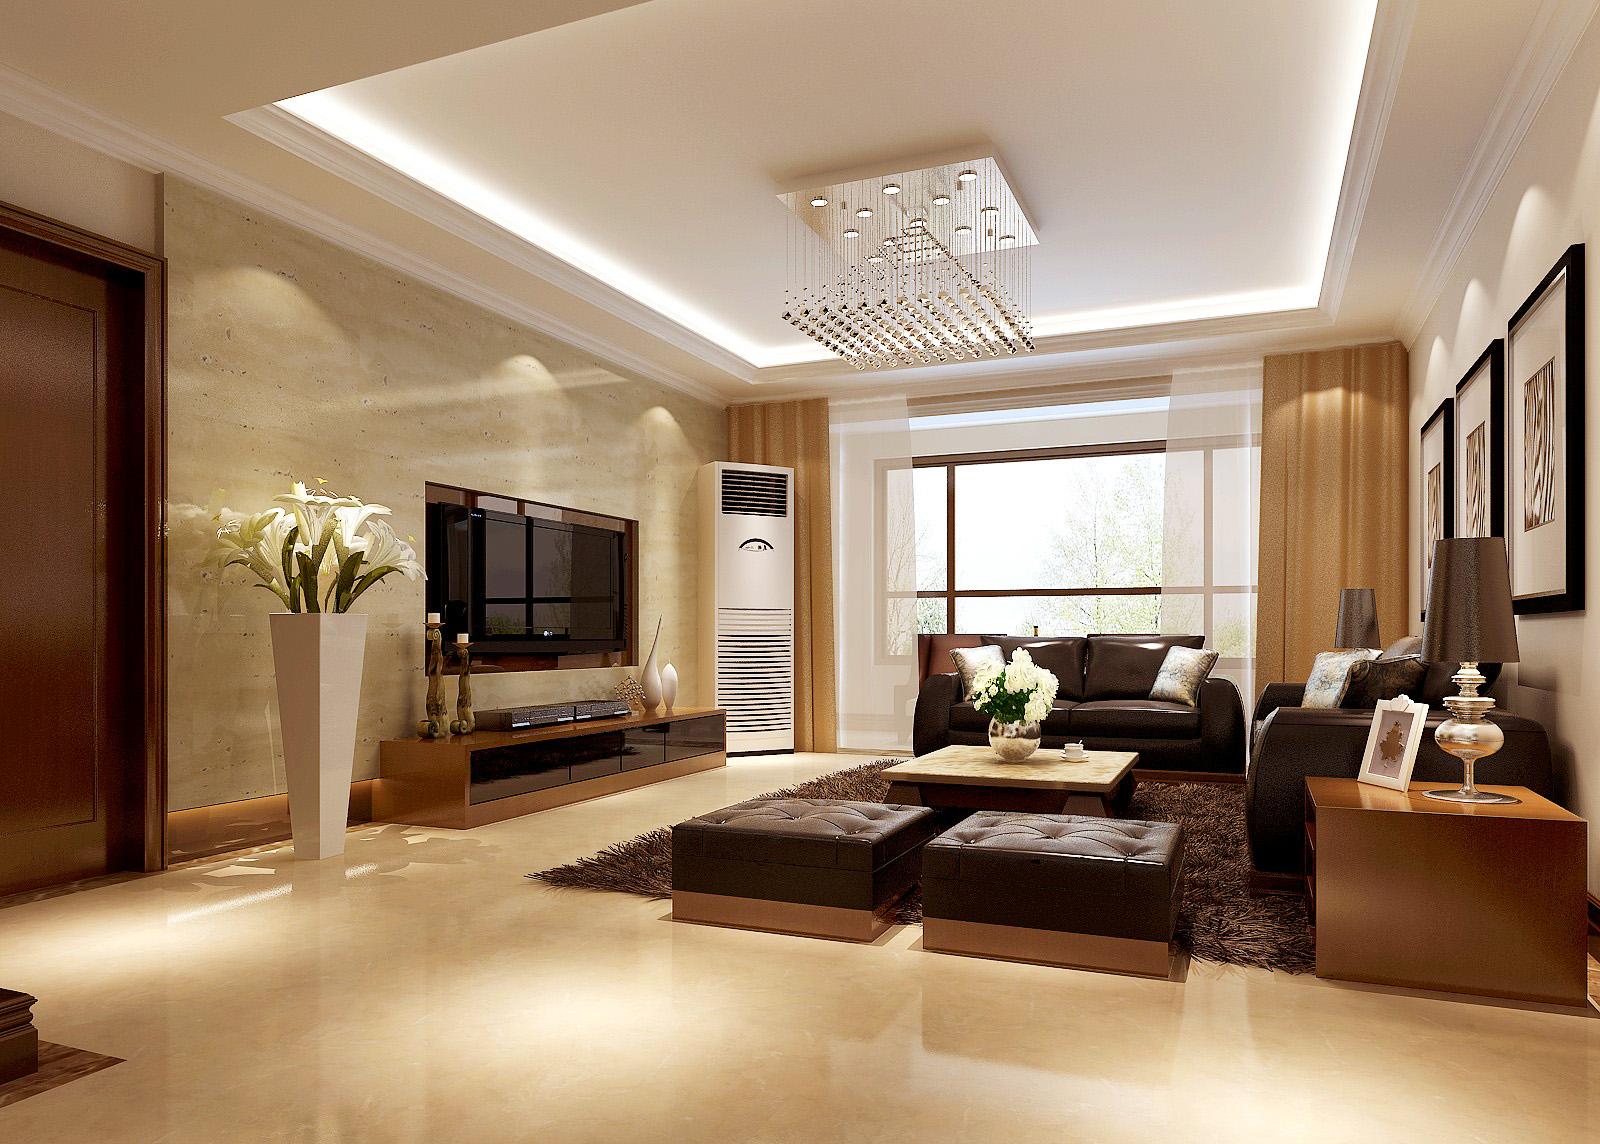 香悦四季 高度国际 公寓 简约 欧式 白领 80后 白富美 高富帅 客厅图片来自北京高度国际装饰设计在香悦四季的分享